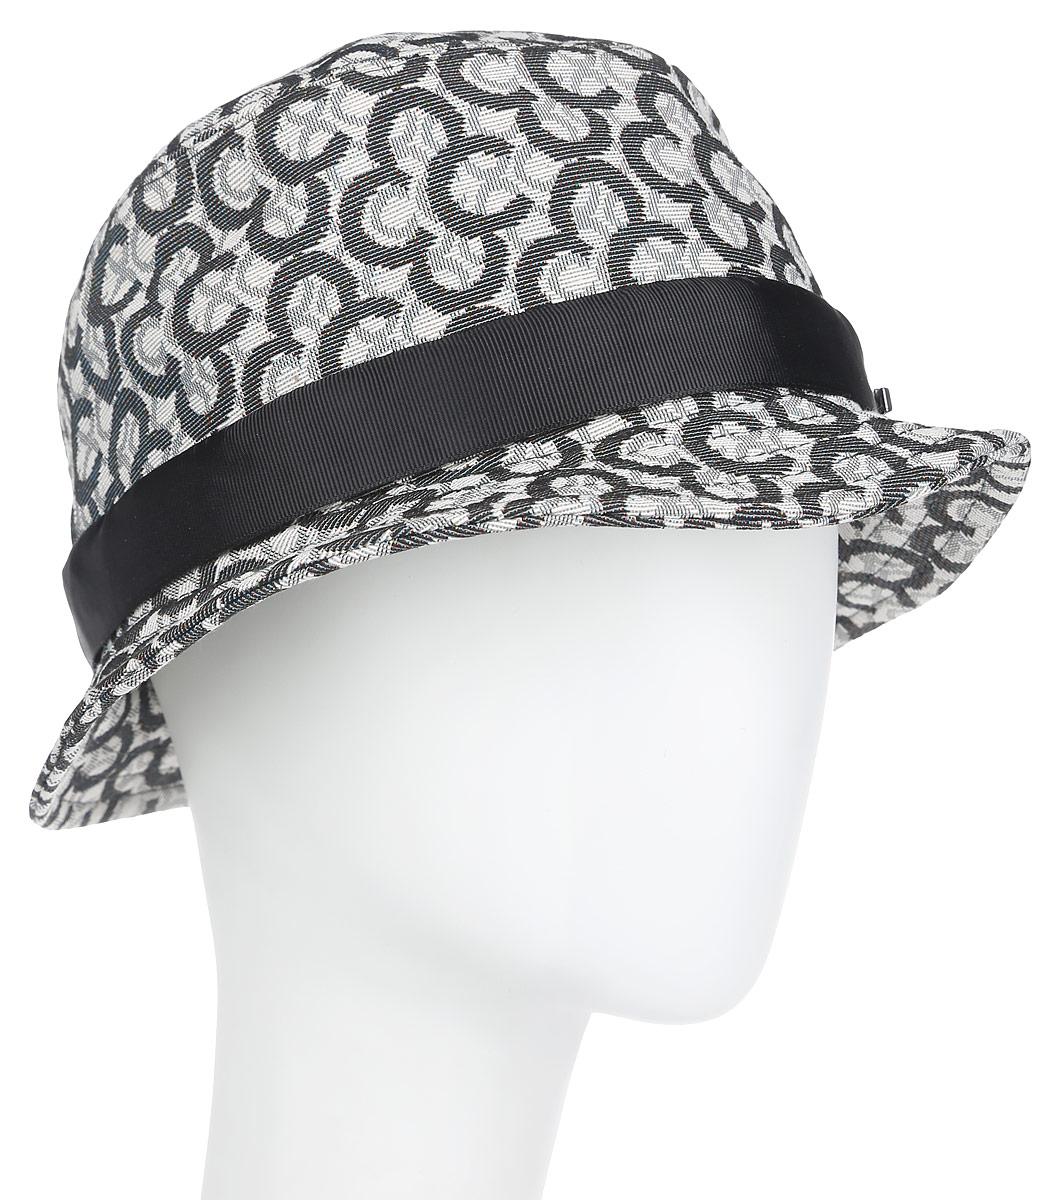 Шляпа женская. RC0161RC0161Модная шляпа с узкими полями Dispacci, выполненная из хлопка с добавлением полиэфира, украсит любой наряд. Шляпа оформлена оригинальным принтом в виде логотипа бренда и контрастной лентой вокруг тульи. Благодаря своей форме, шляпа удобно садится по голове и подойдет к любому стилю. Шляпа легко восстанавливает свою форму после сжатия. Такая шляпка подчеркнет вашу неповторимость и дополнит ваш повседневный образ.